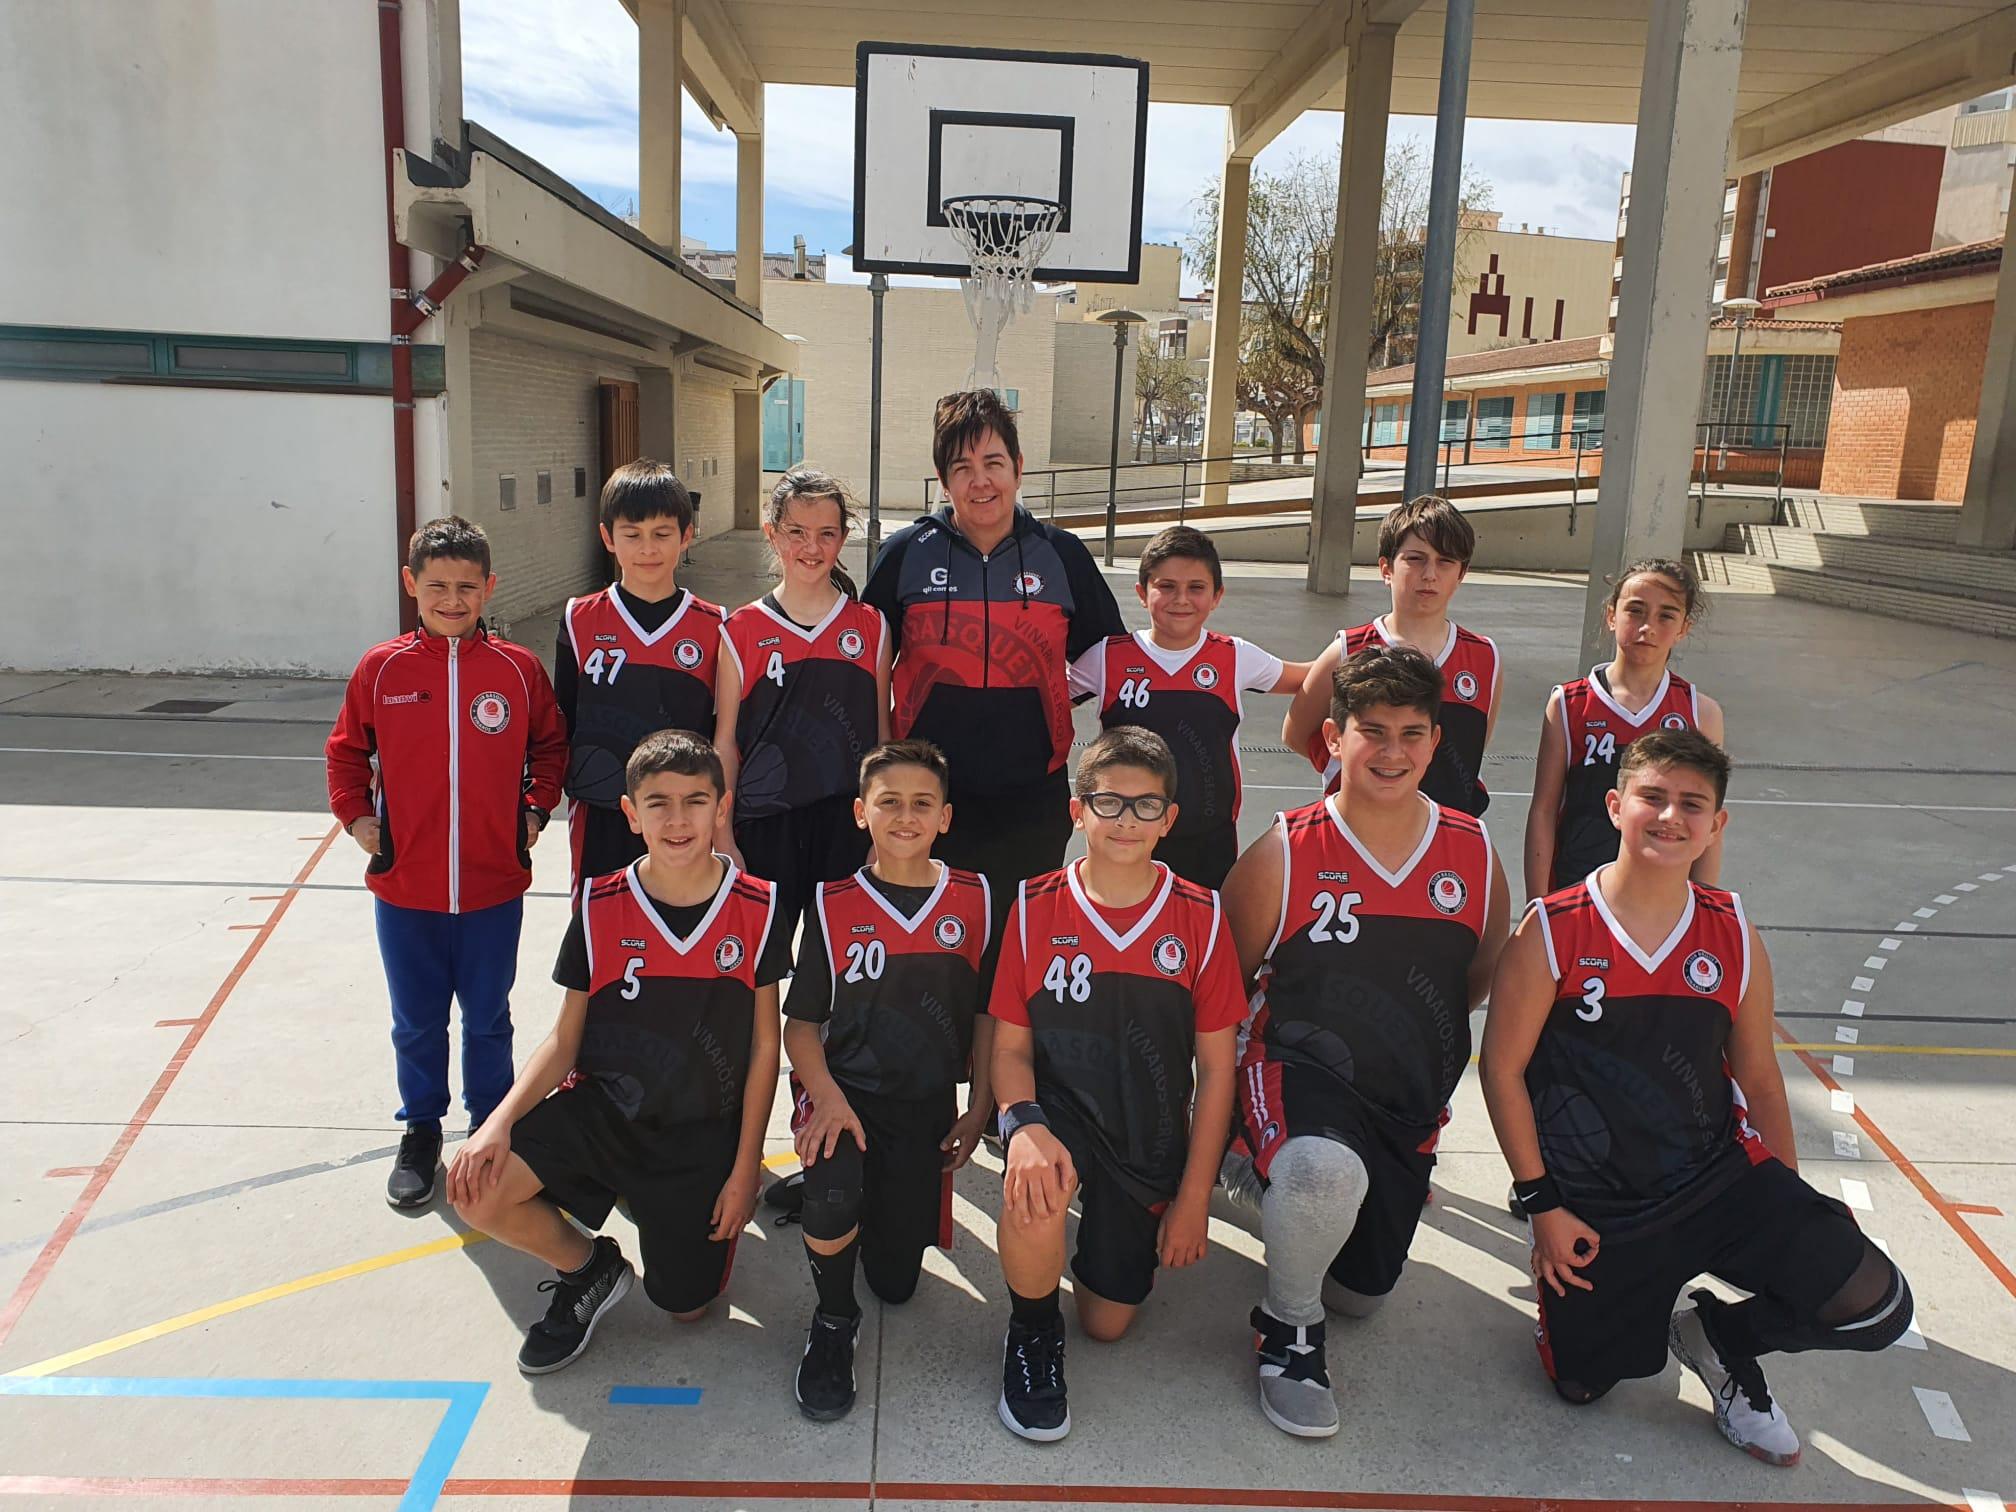 Jornada dels equips del Club Bàsquet Vinaròs